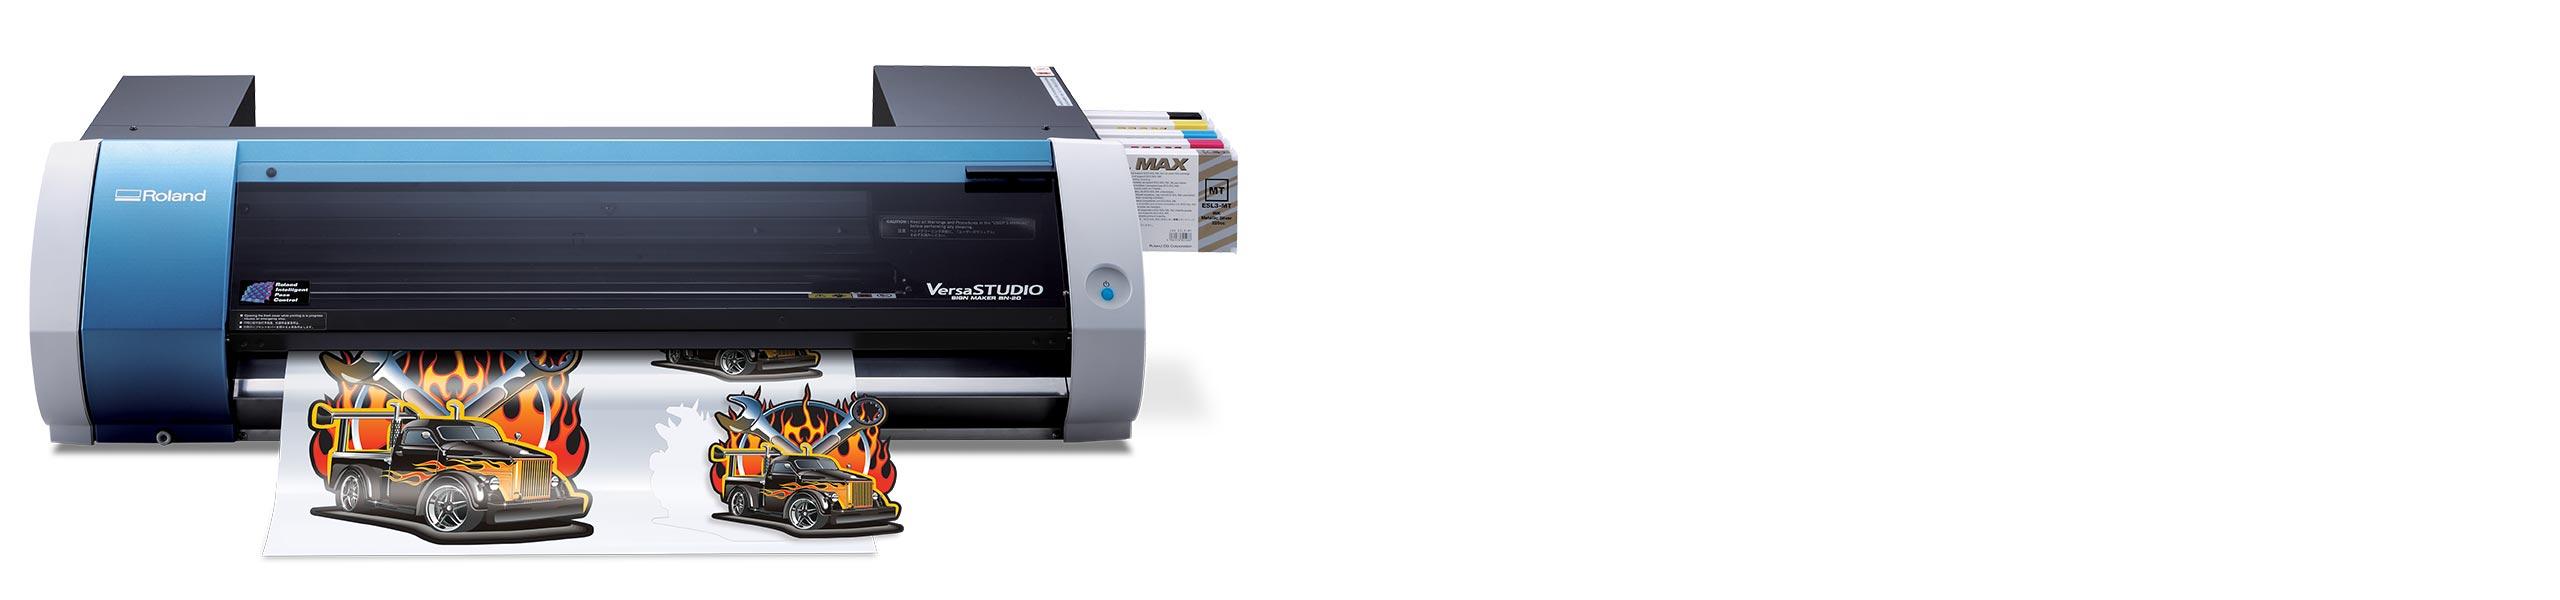 Vinyl sticker printing machine uk